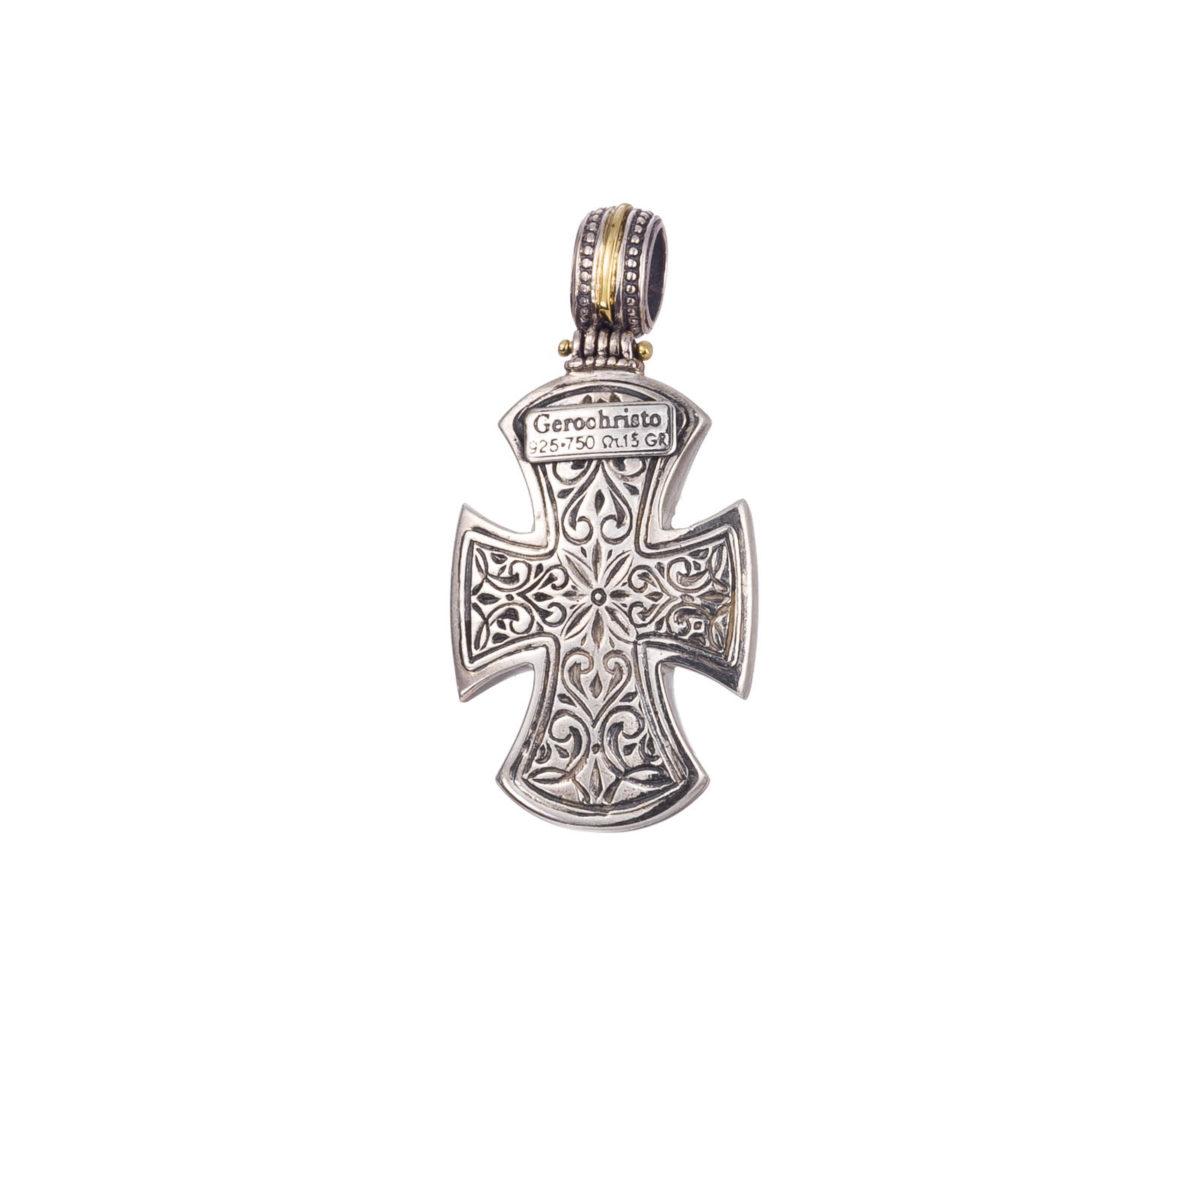 Χειροποίητος Βυζαντινός σταυρός Gerochristos διακοσμημένος με χαραγμένα φλοράλ